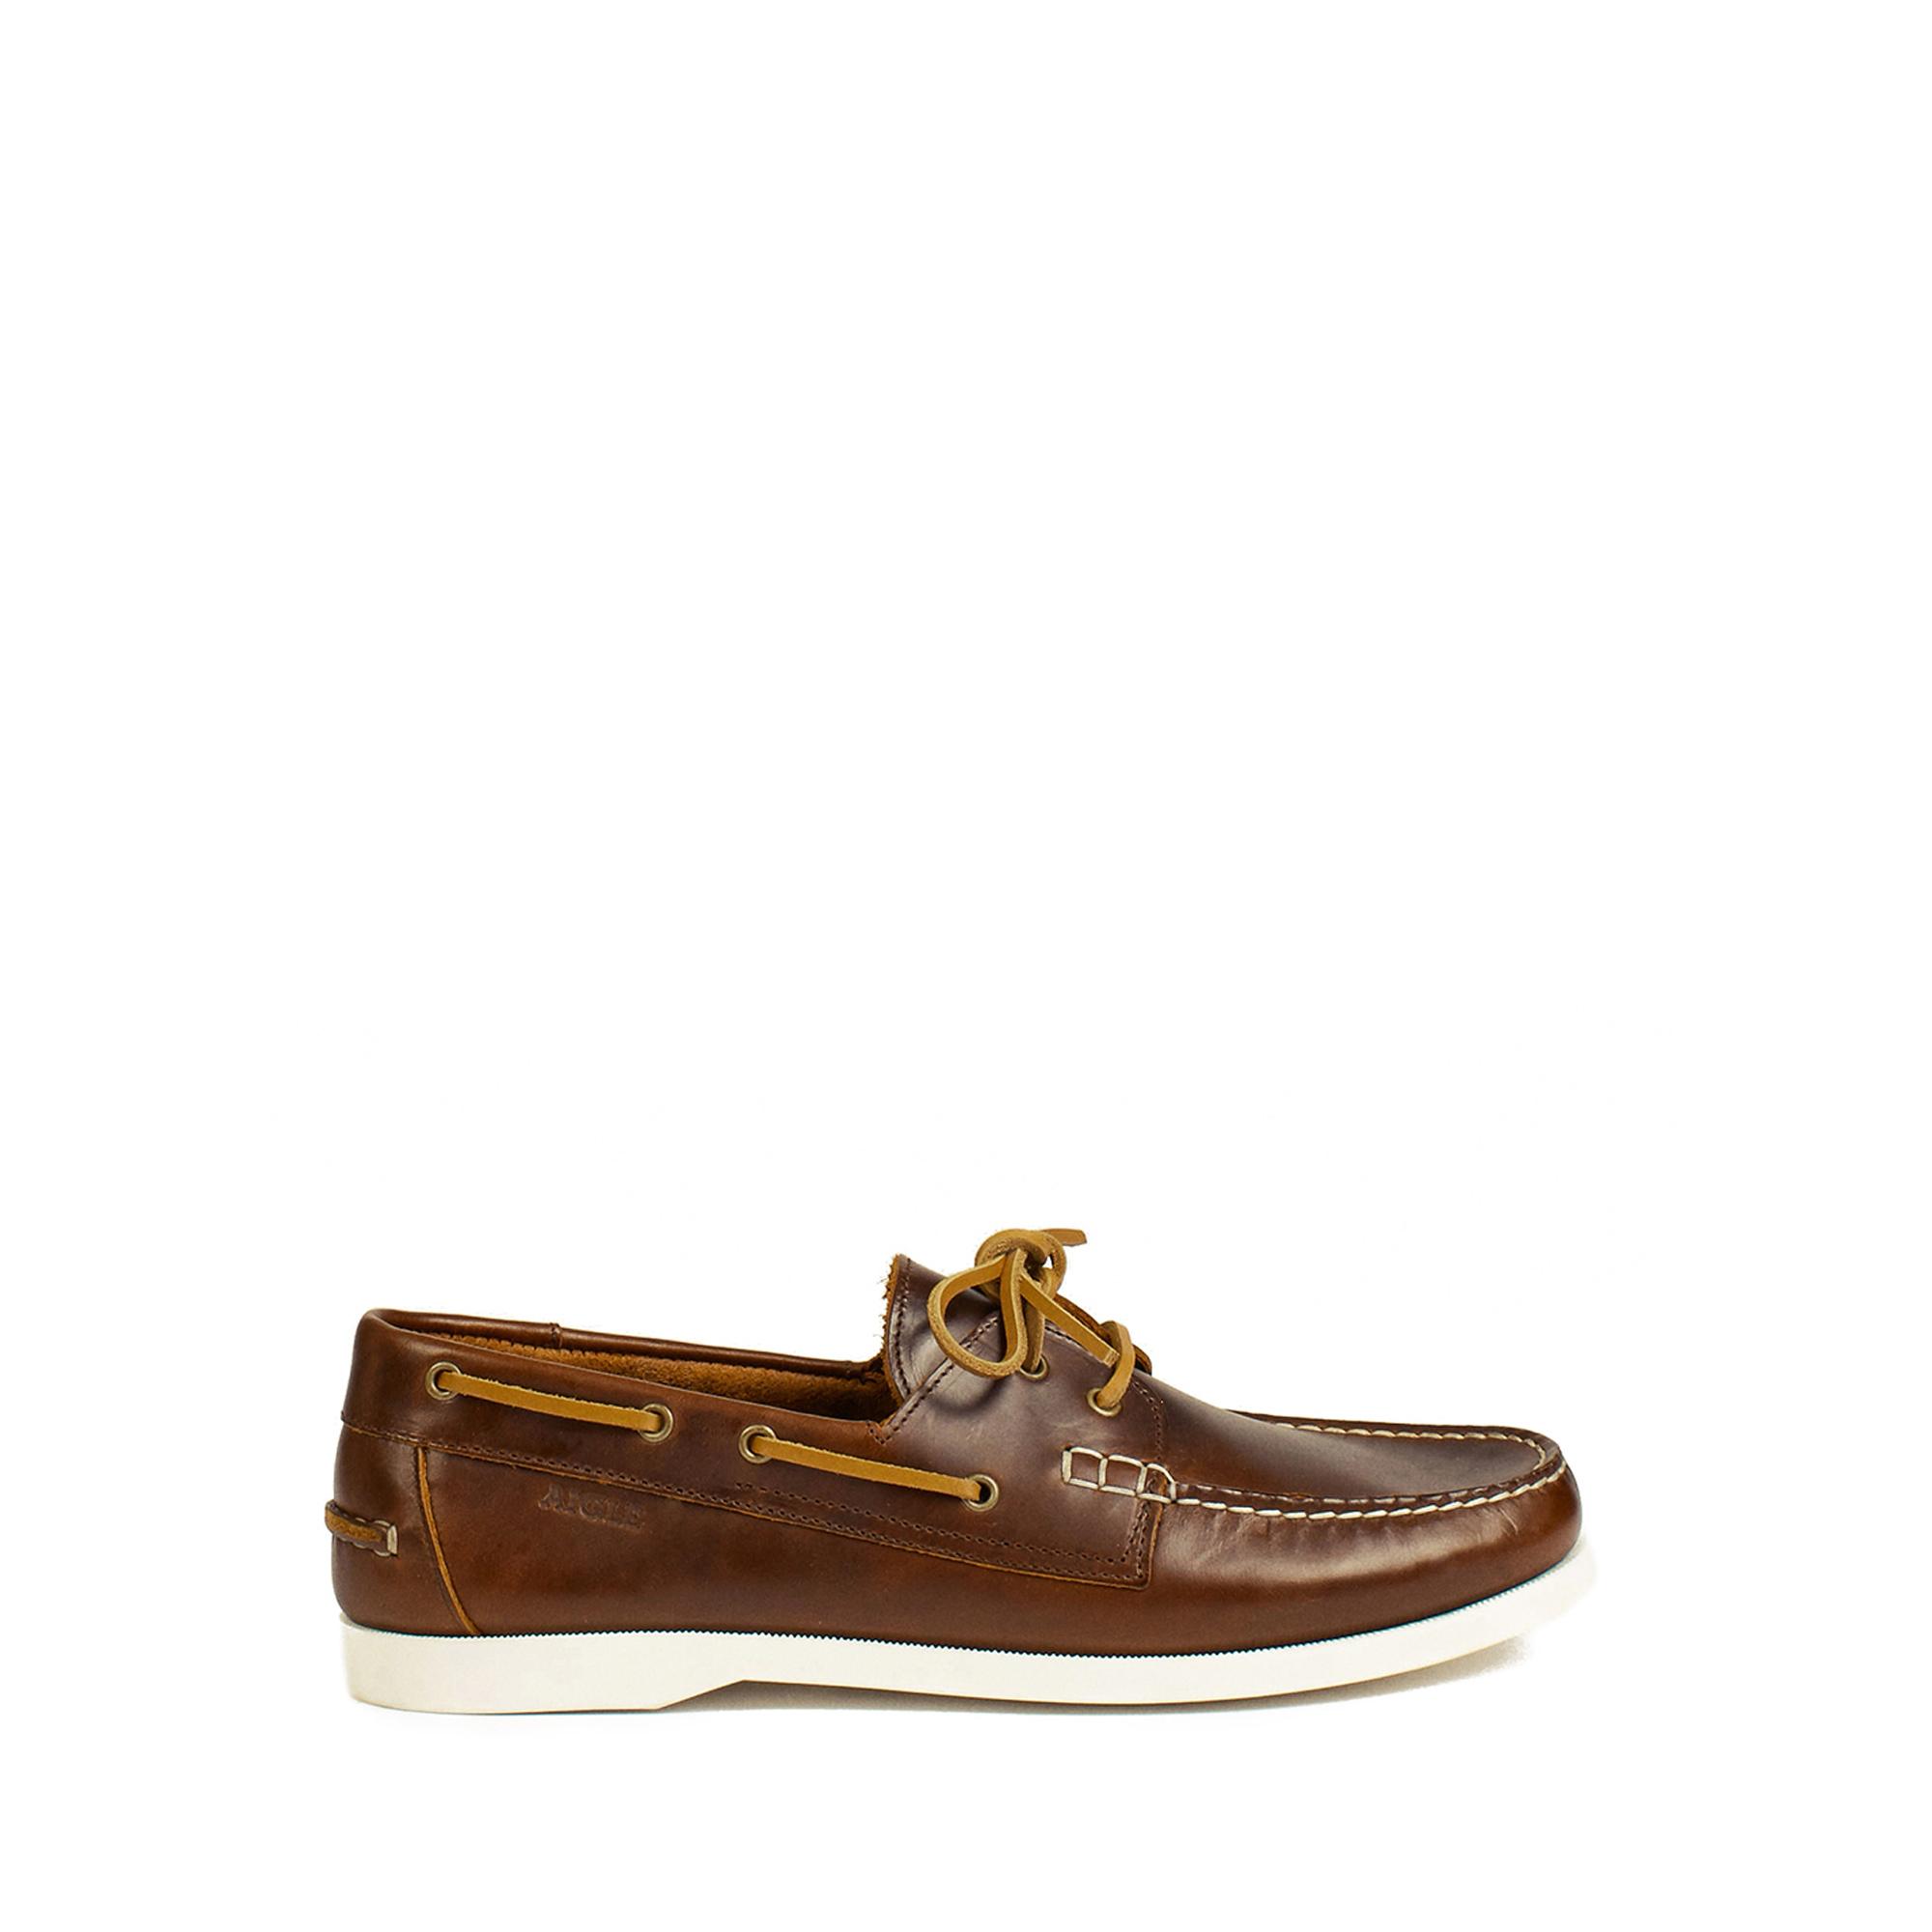 55fdb1de511d39 HAVSEA | Chaussures bateau cuir homme Brown/miel | Aiglehomme | AIGLE